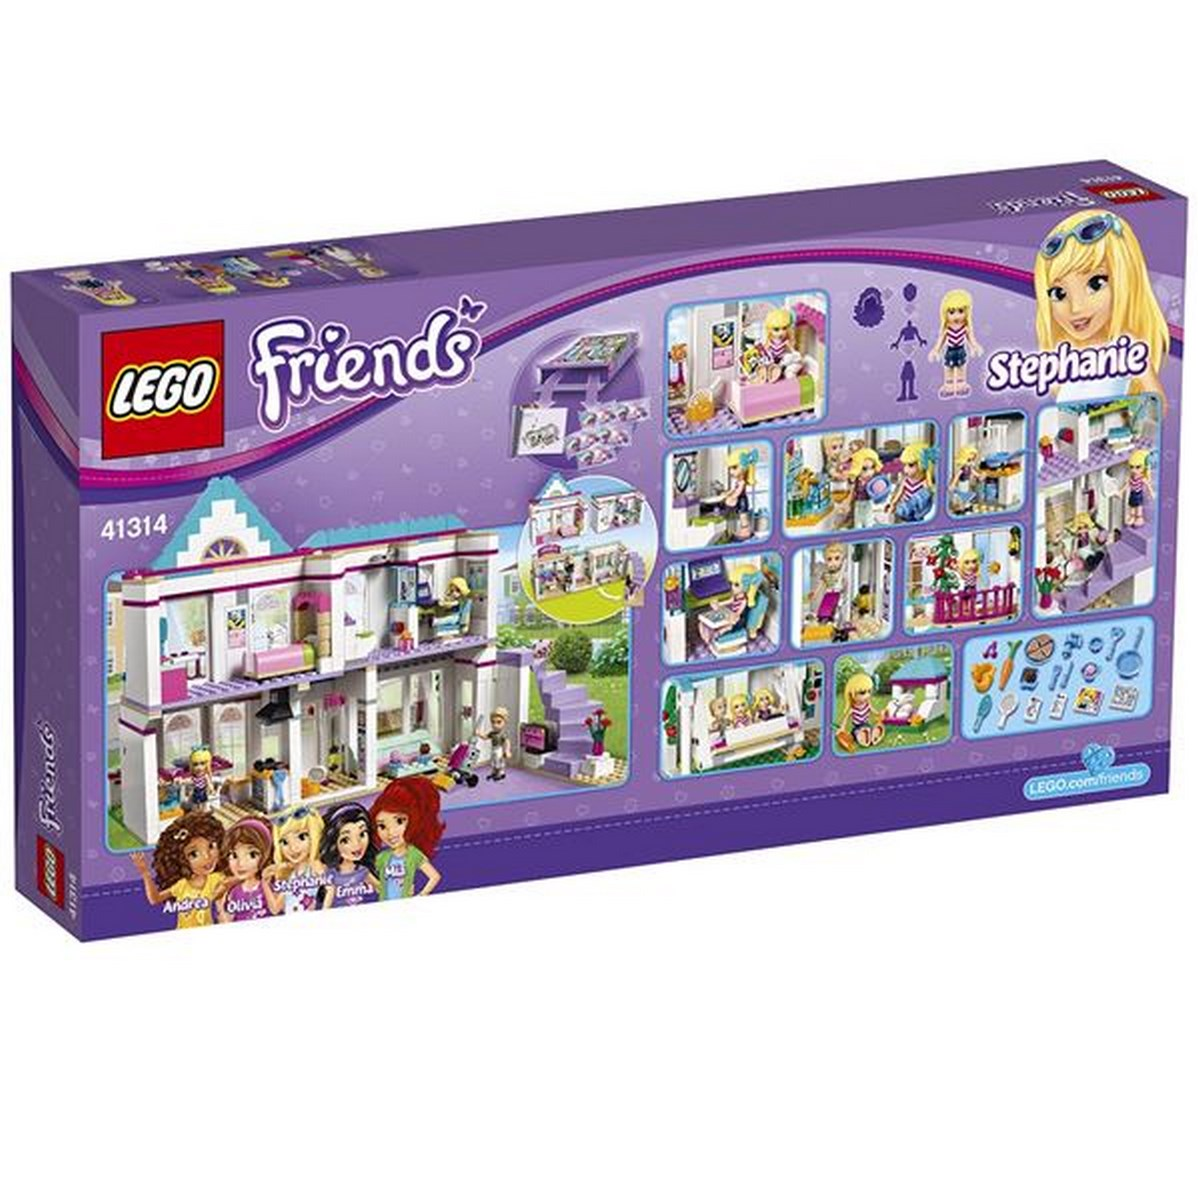 3f6e74c17 Lego Friends 41314 Stephanie a její dům | Fonetip.cz